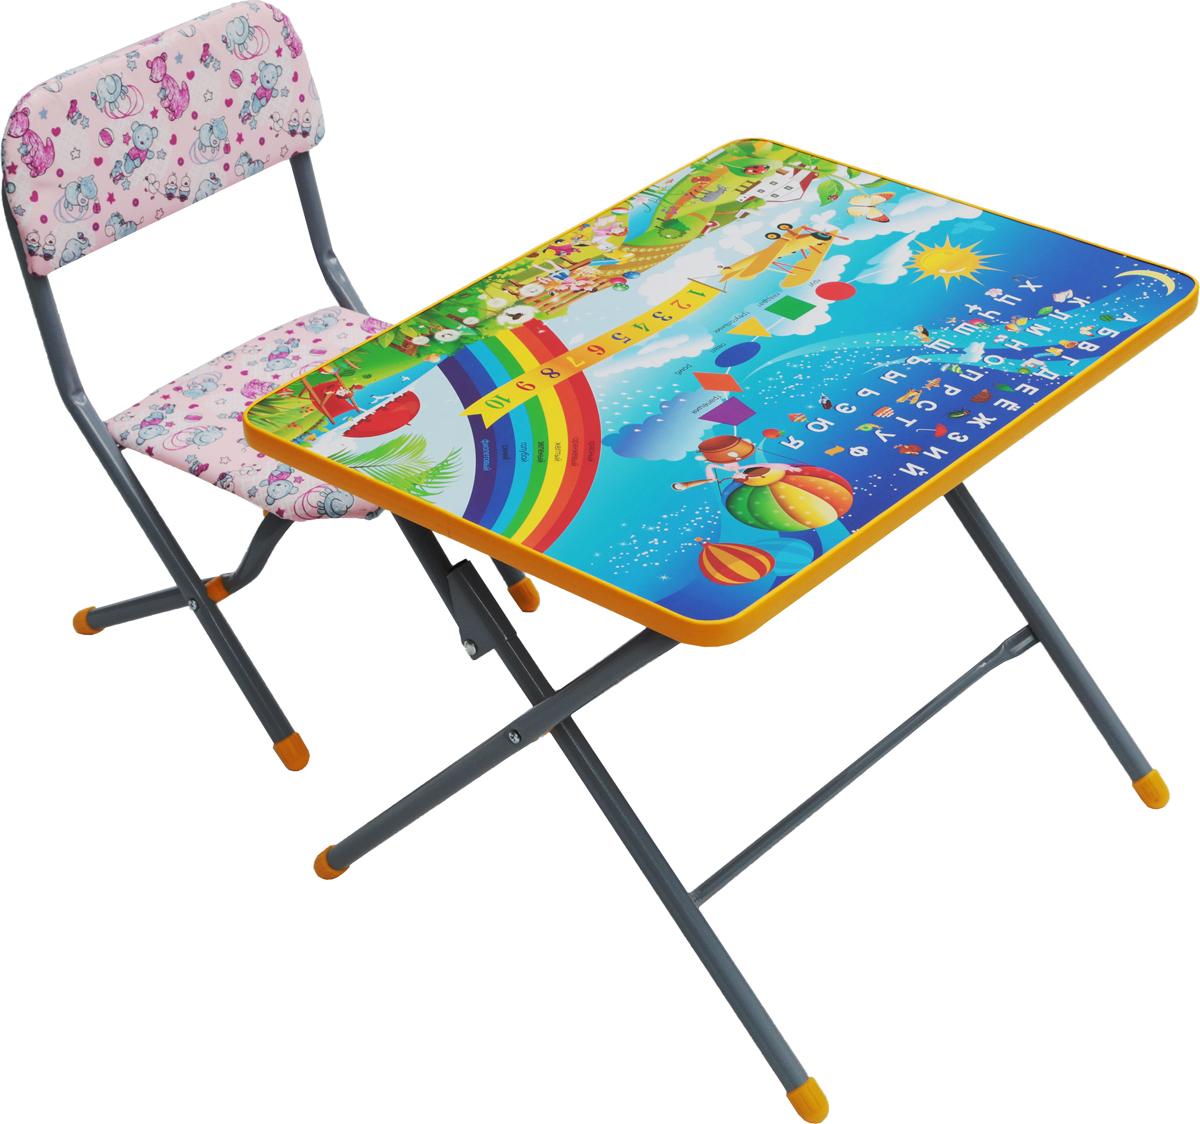 Фея Набор складной детской мебели Досуг Алфавит и цифры цвет голубой желтый розовый